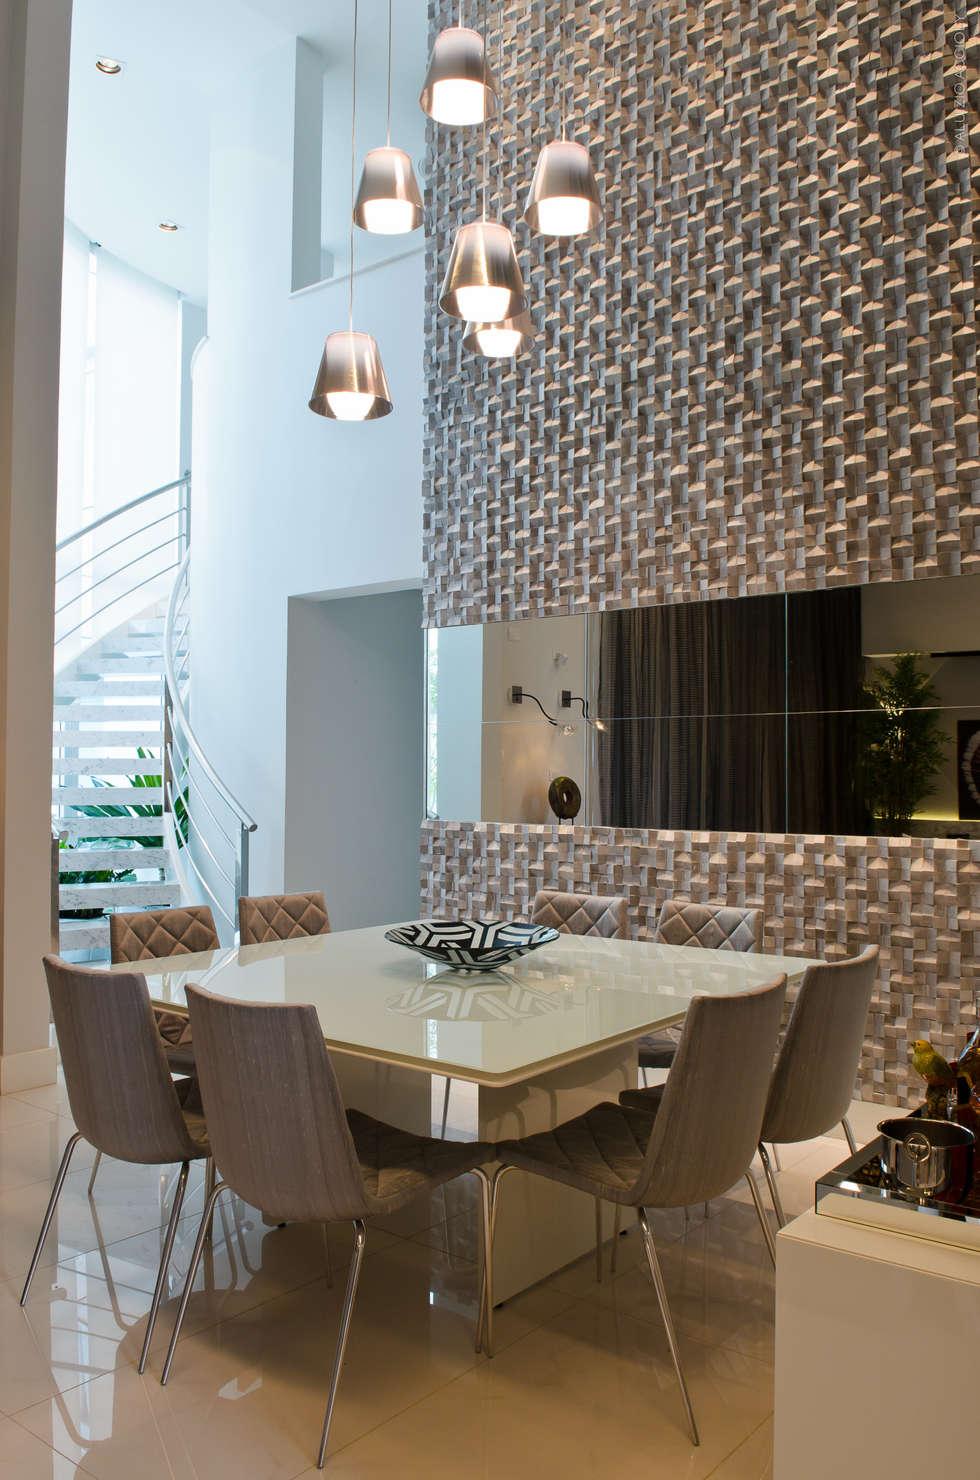 SALA DE JANTAR: Salas de jantar modernas por criarprojetos   ARQUITETURA . INTERIORES . ENGENHARIA